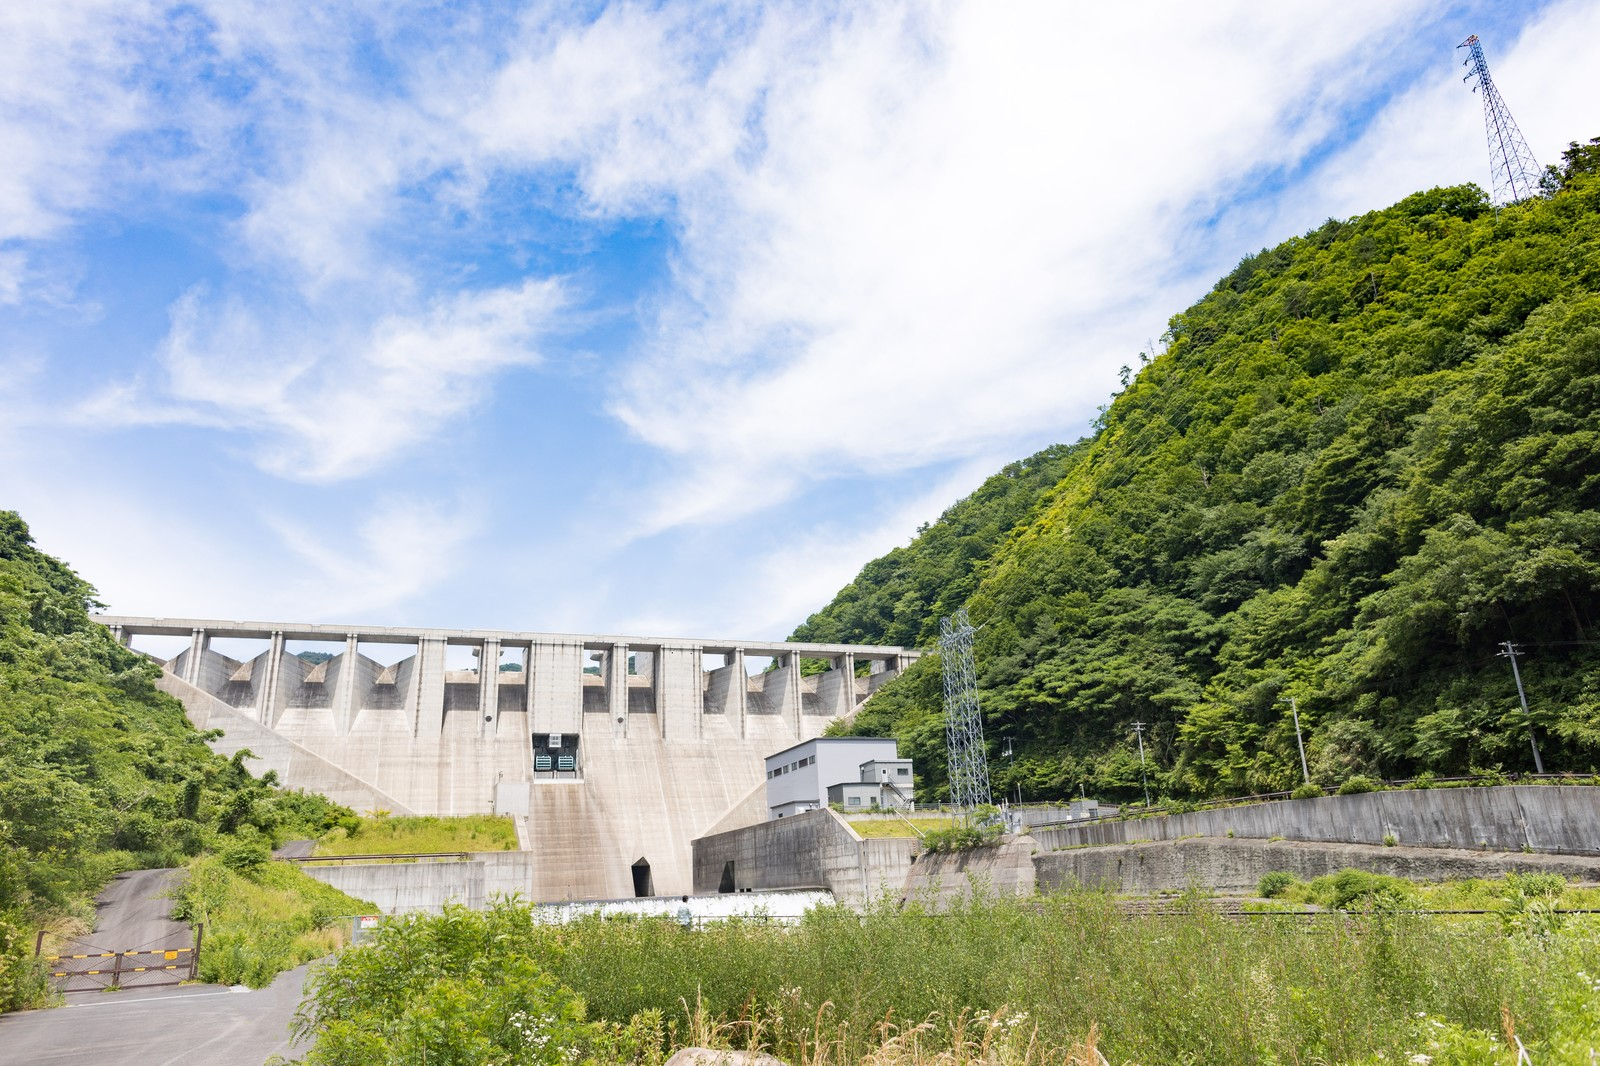 「苫田ダムと青空」の写真